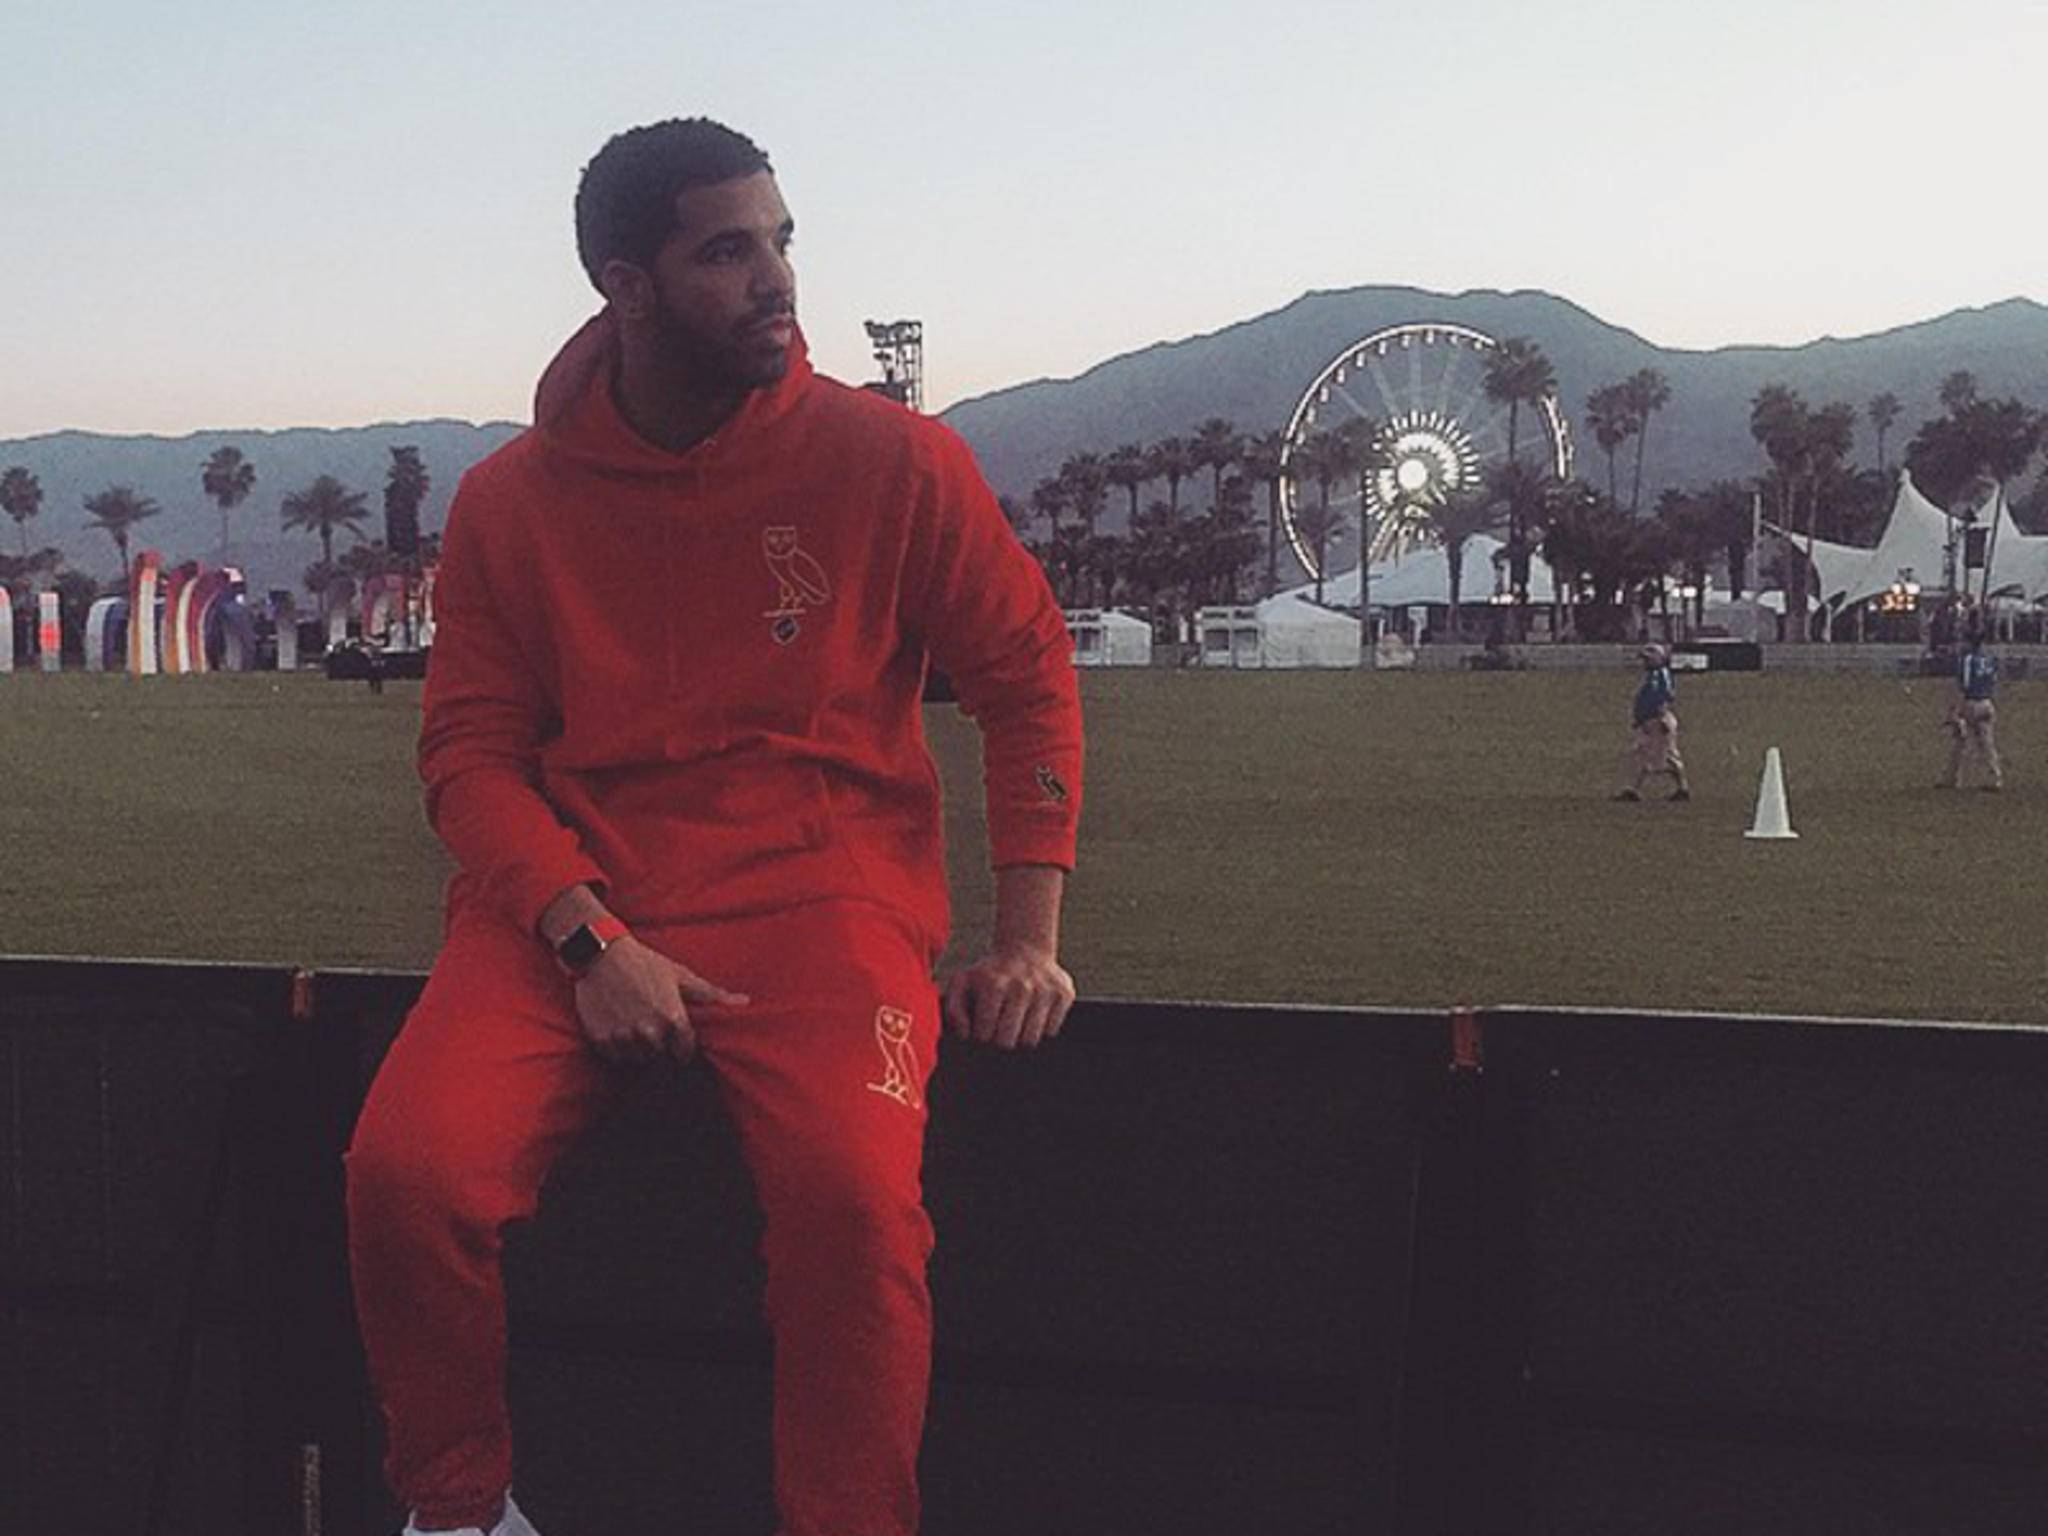 Das neue Album von Drake gab es eine kurze Zeit exklusiv nur auf Apple Music.